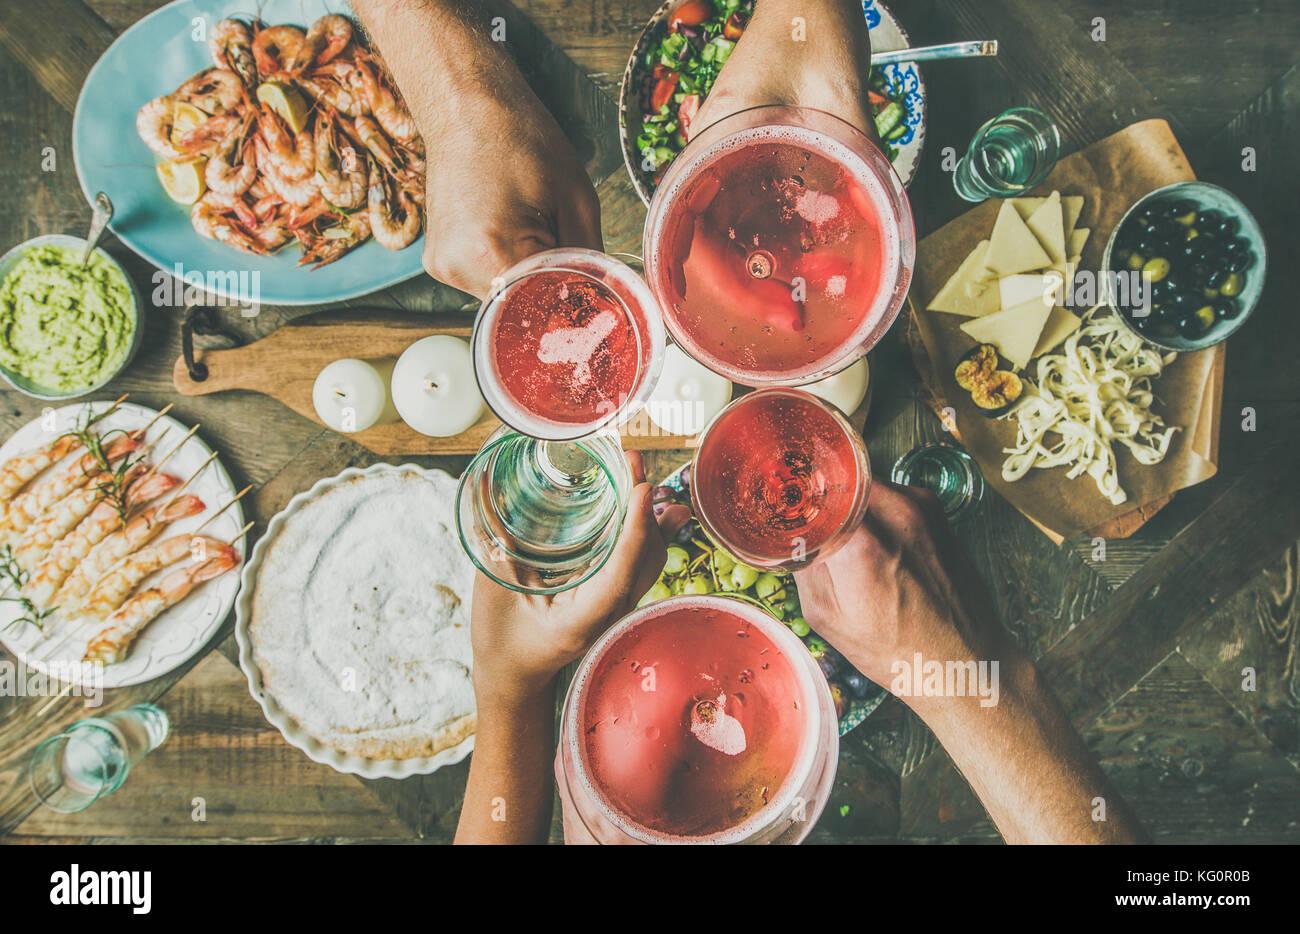 Plano de laicos amigos manos comiendo y bebiendo juntos, composición horizontal Imagen De Stock